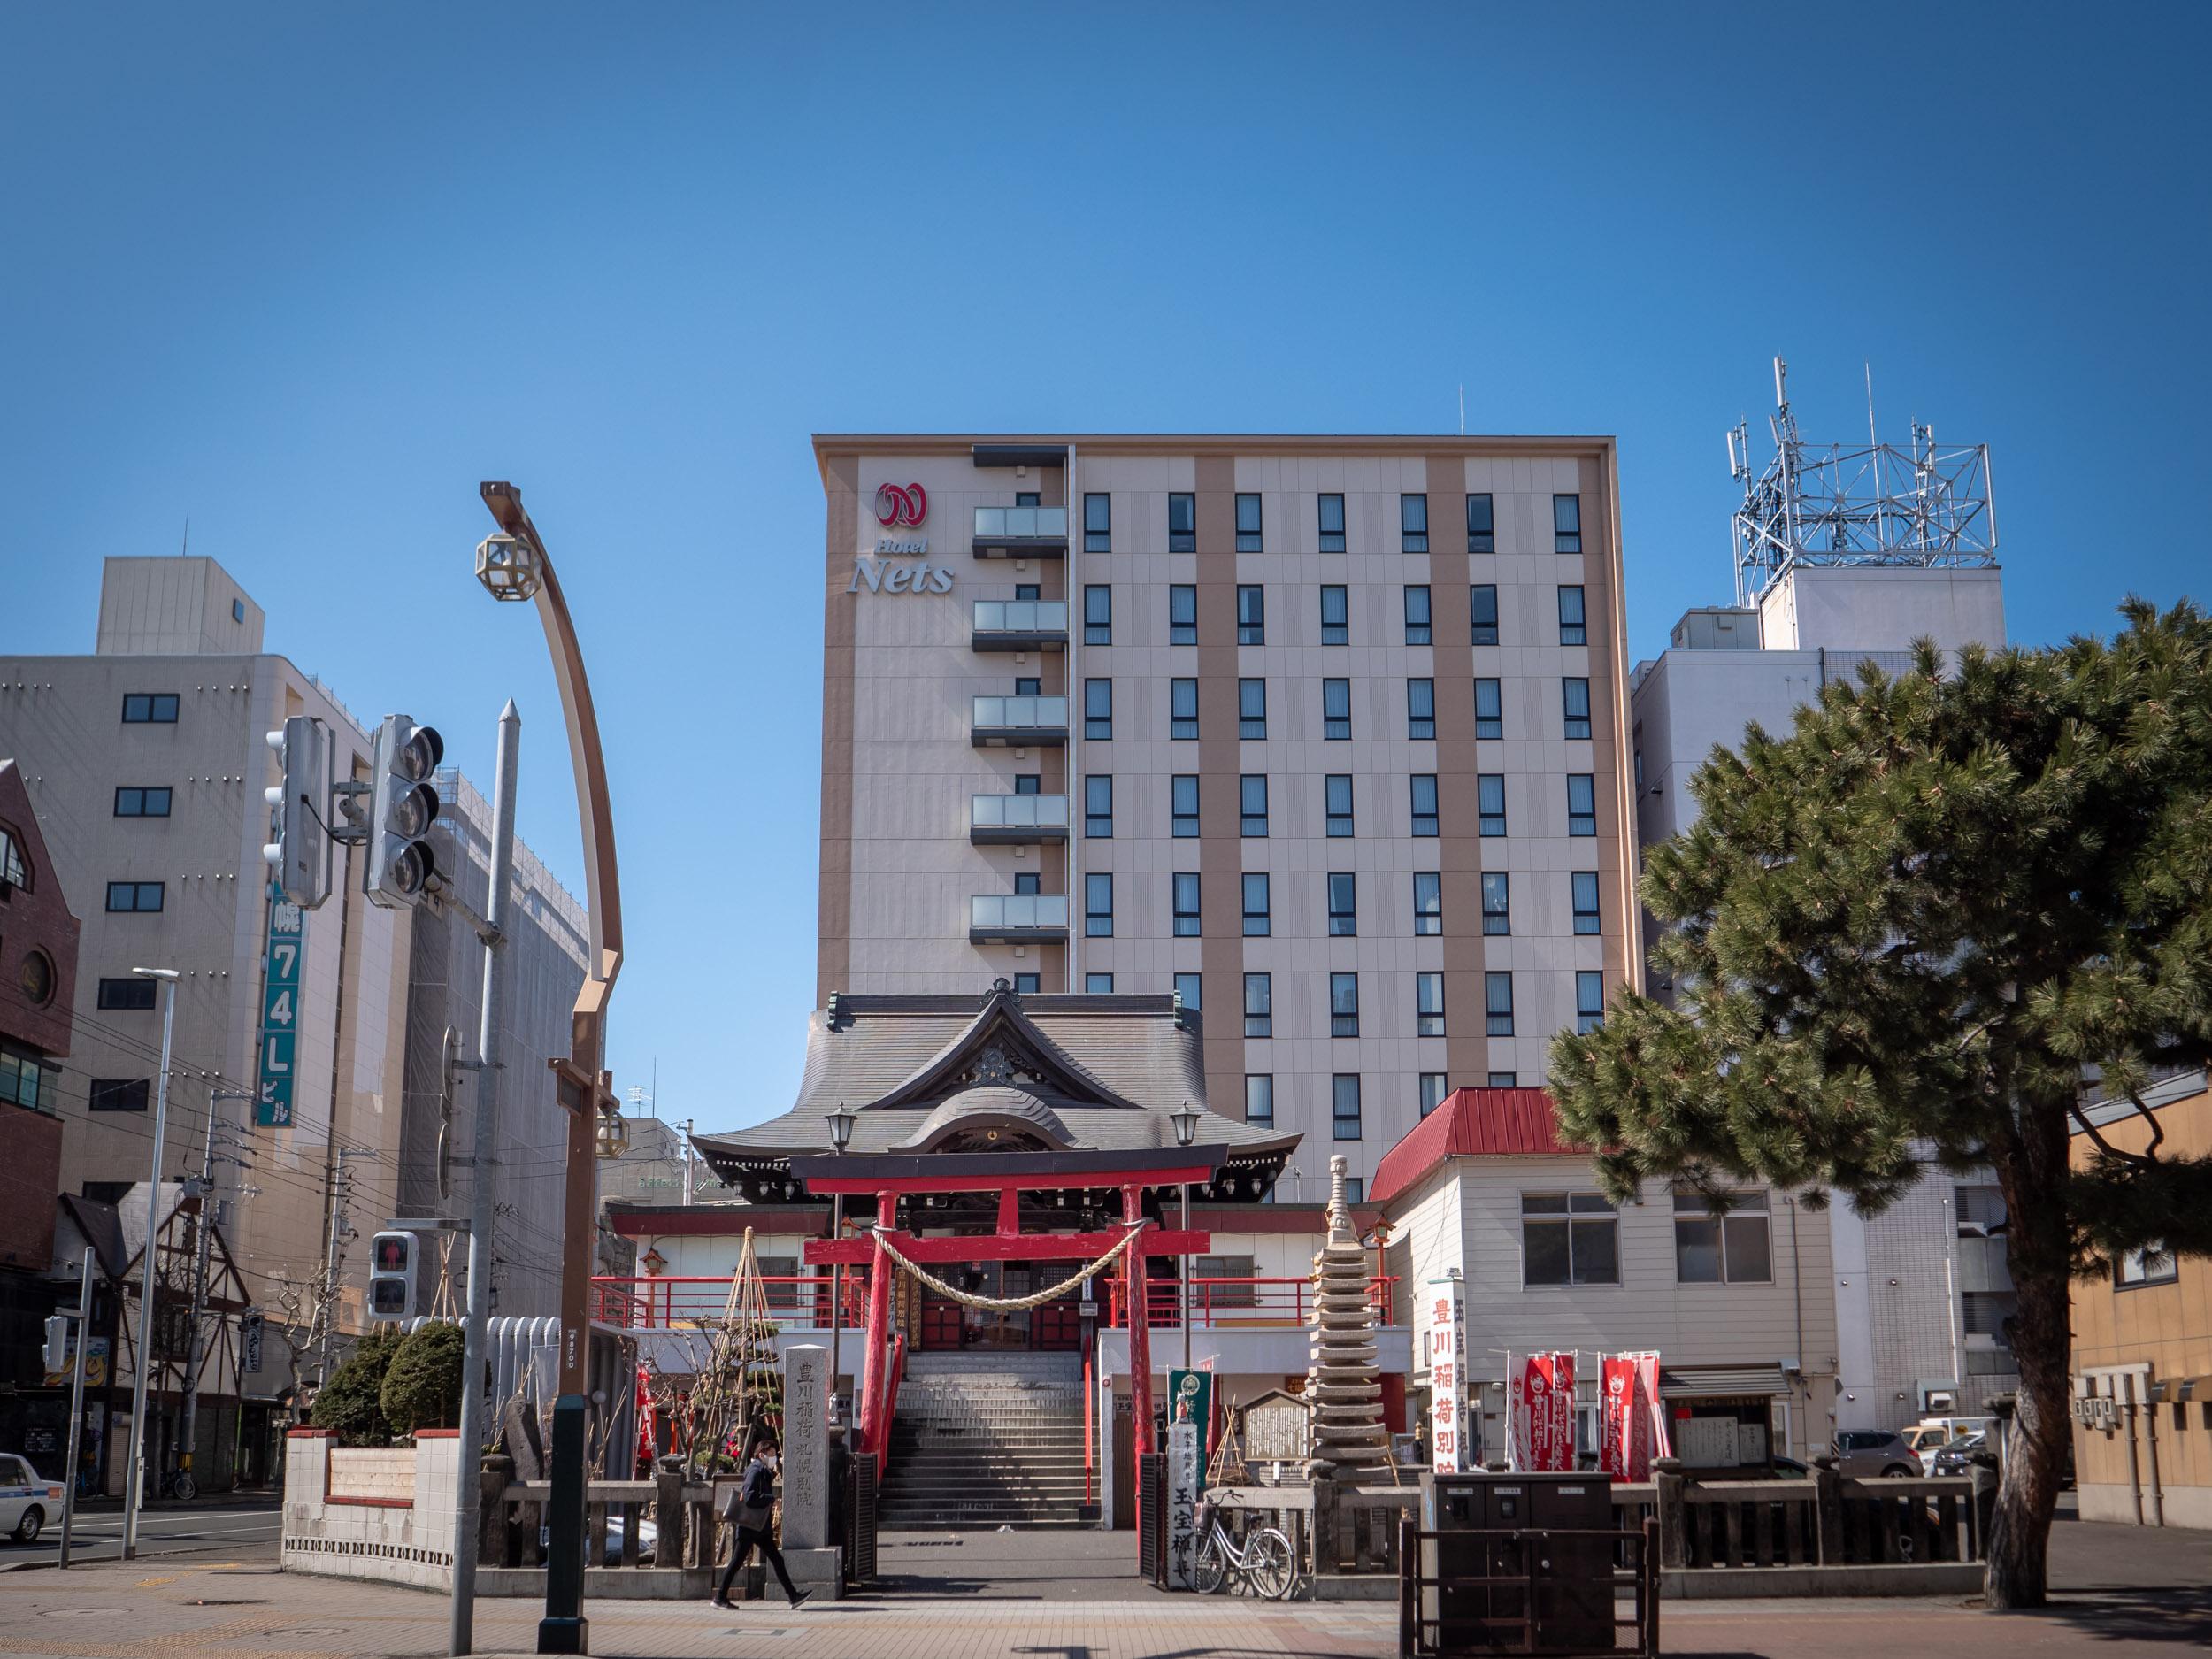 ビルの谷間の異世界ゲートっぽい豊川稲荷札幌別院 DMC-GX8 + LEICA DG 12-60mm